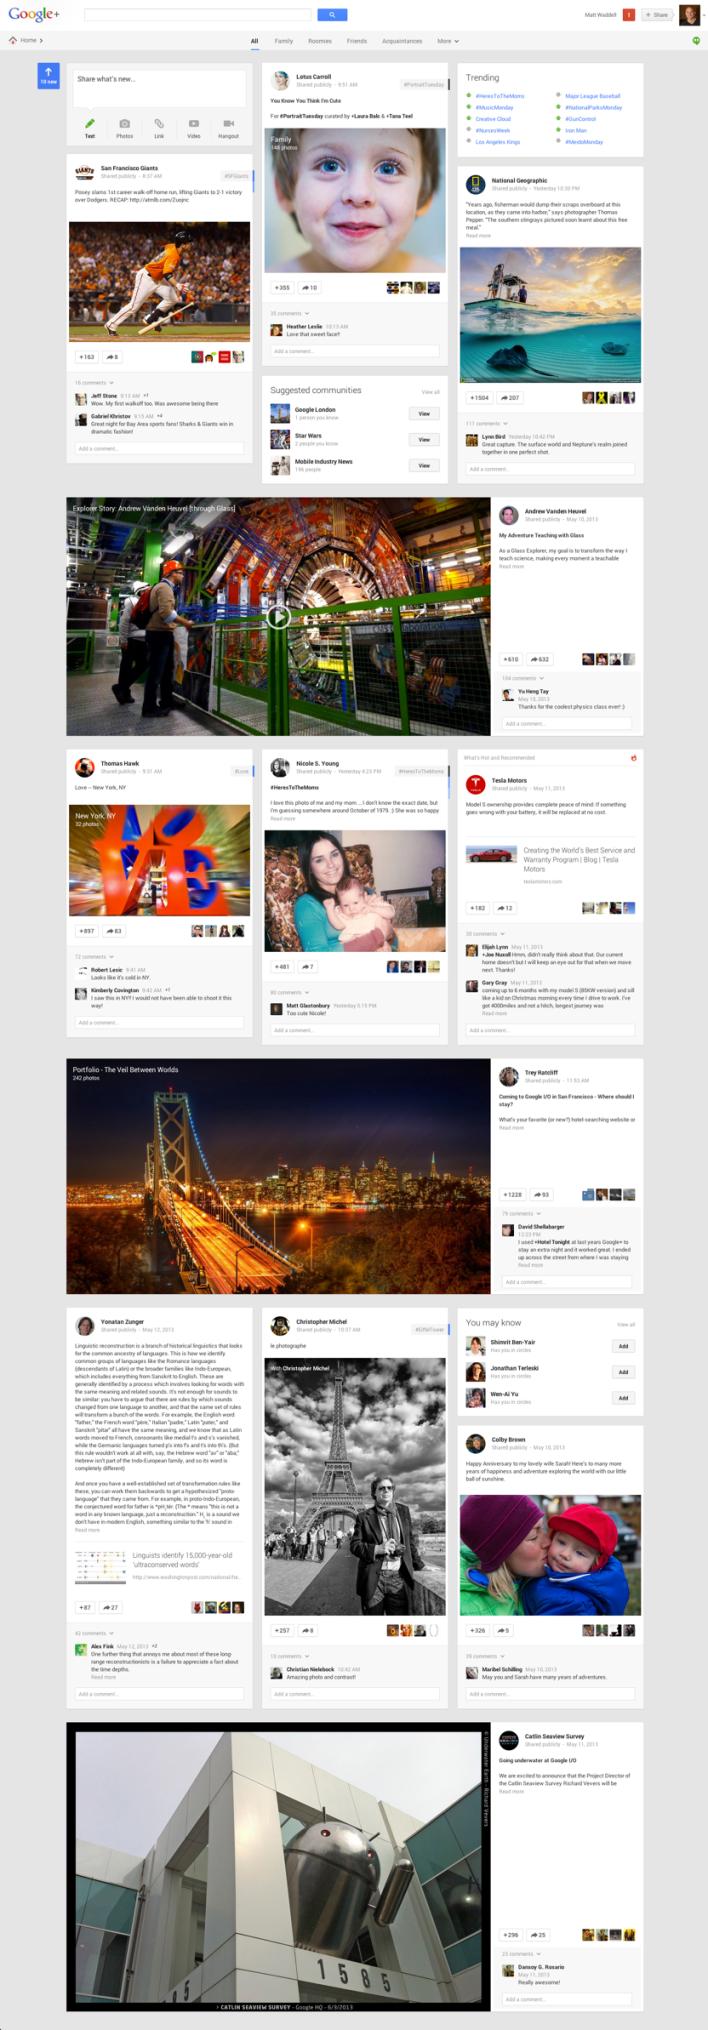 Novo layout do Google+ mostra novidades na rede do Google (Foto: Divulgação)